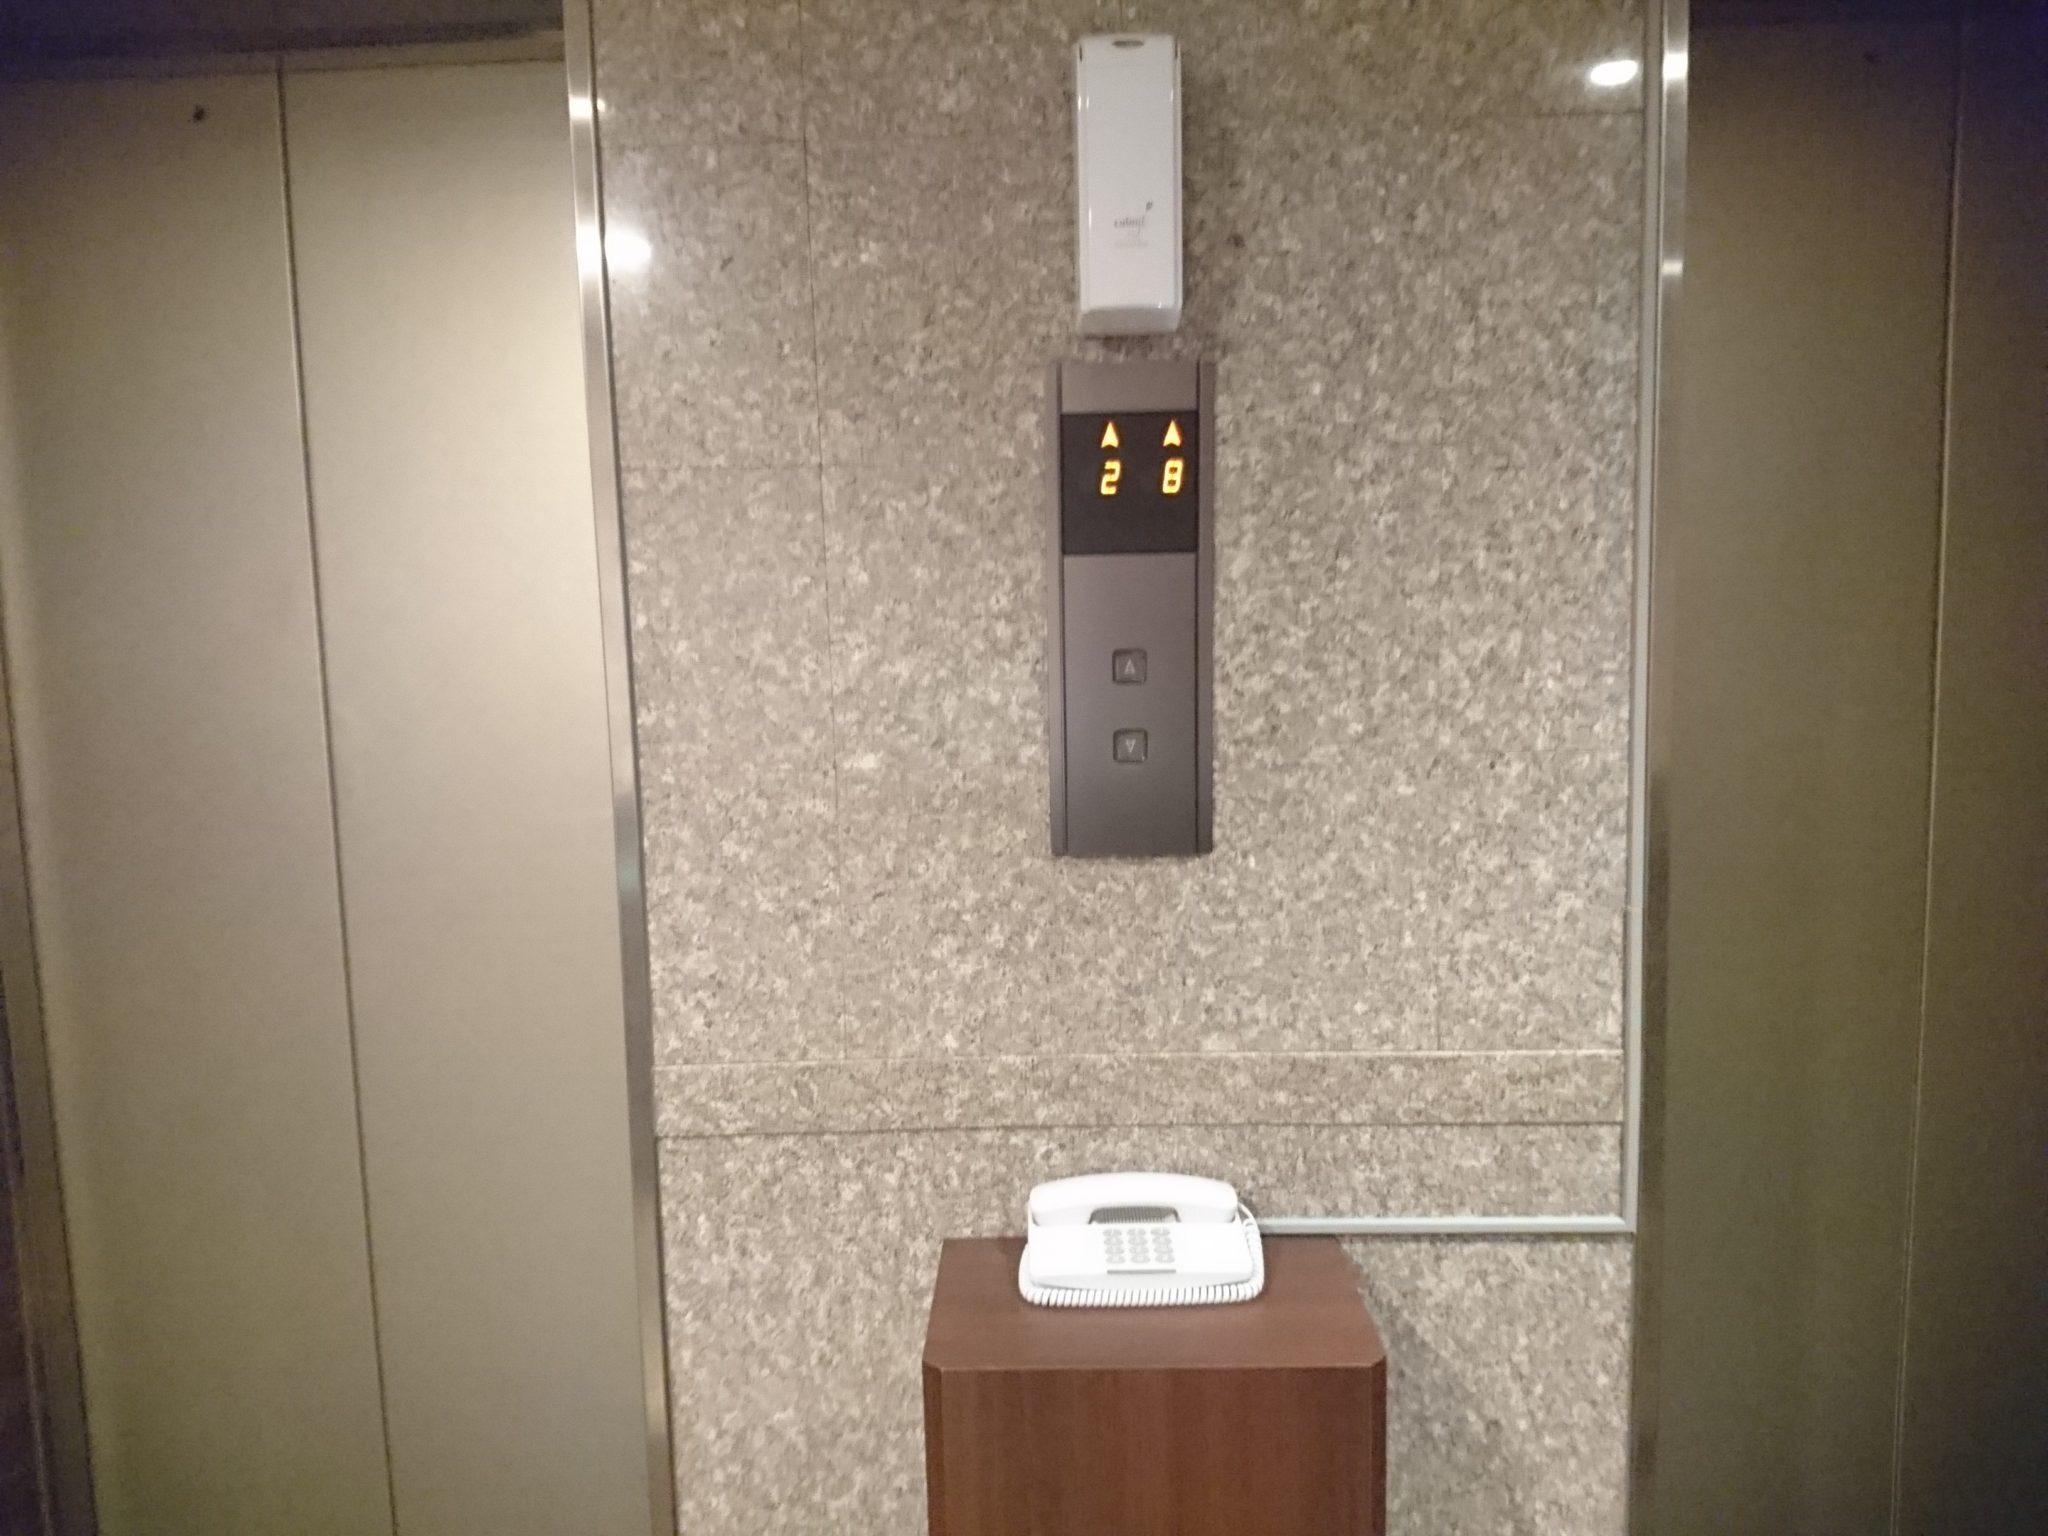 プレミアホテル-CABIN エレベーター